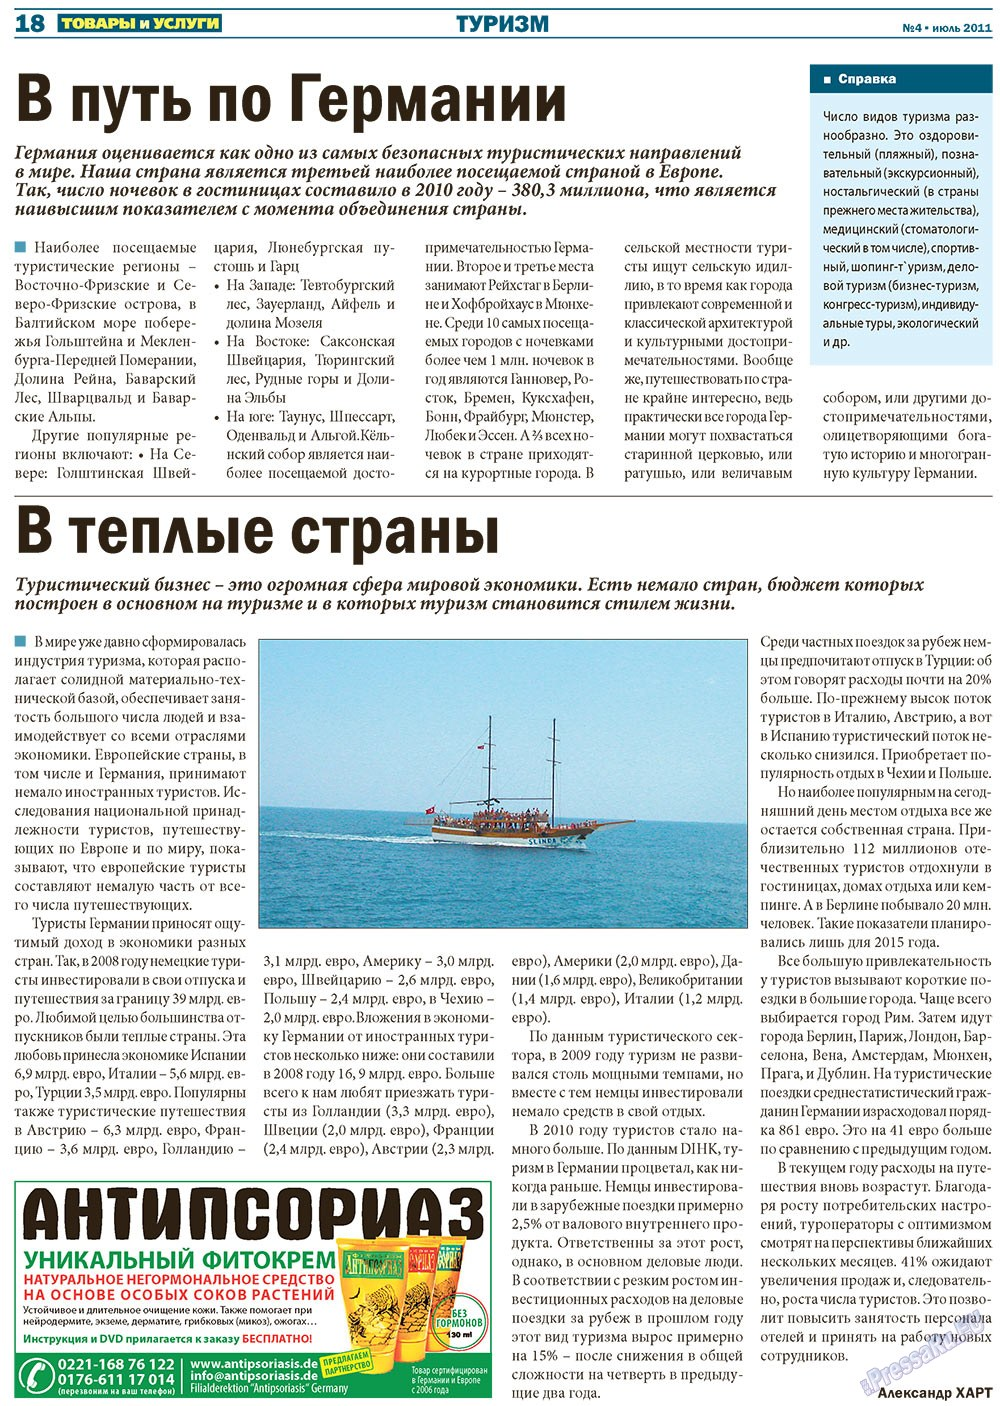 Товары и услуги (газета). 2011 год, номер 4, стр. 18